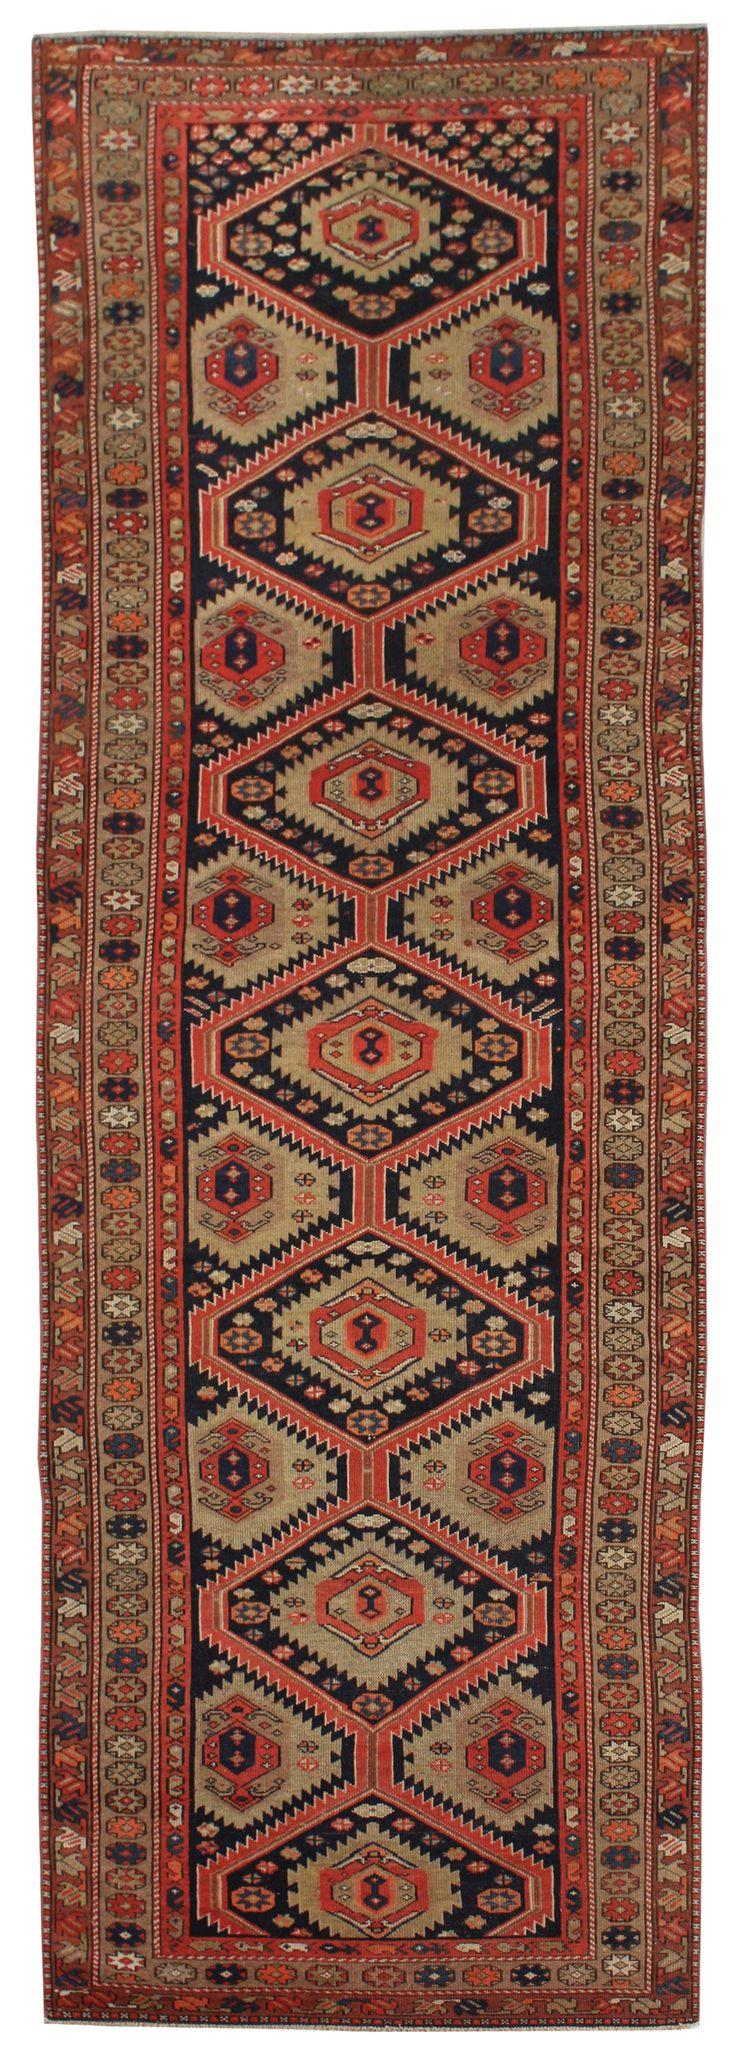 Cod. 10775 Malayer Antico 375x113, tappeto persiano antique rug